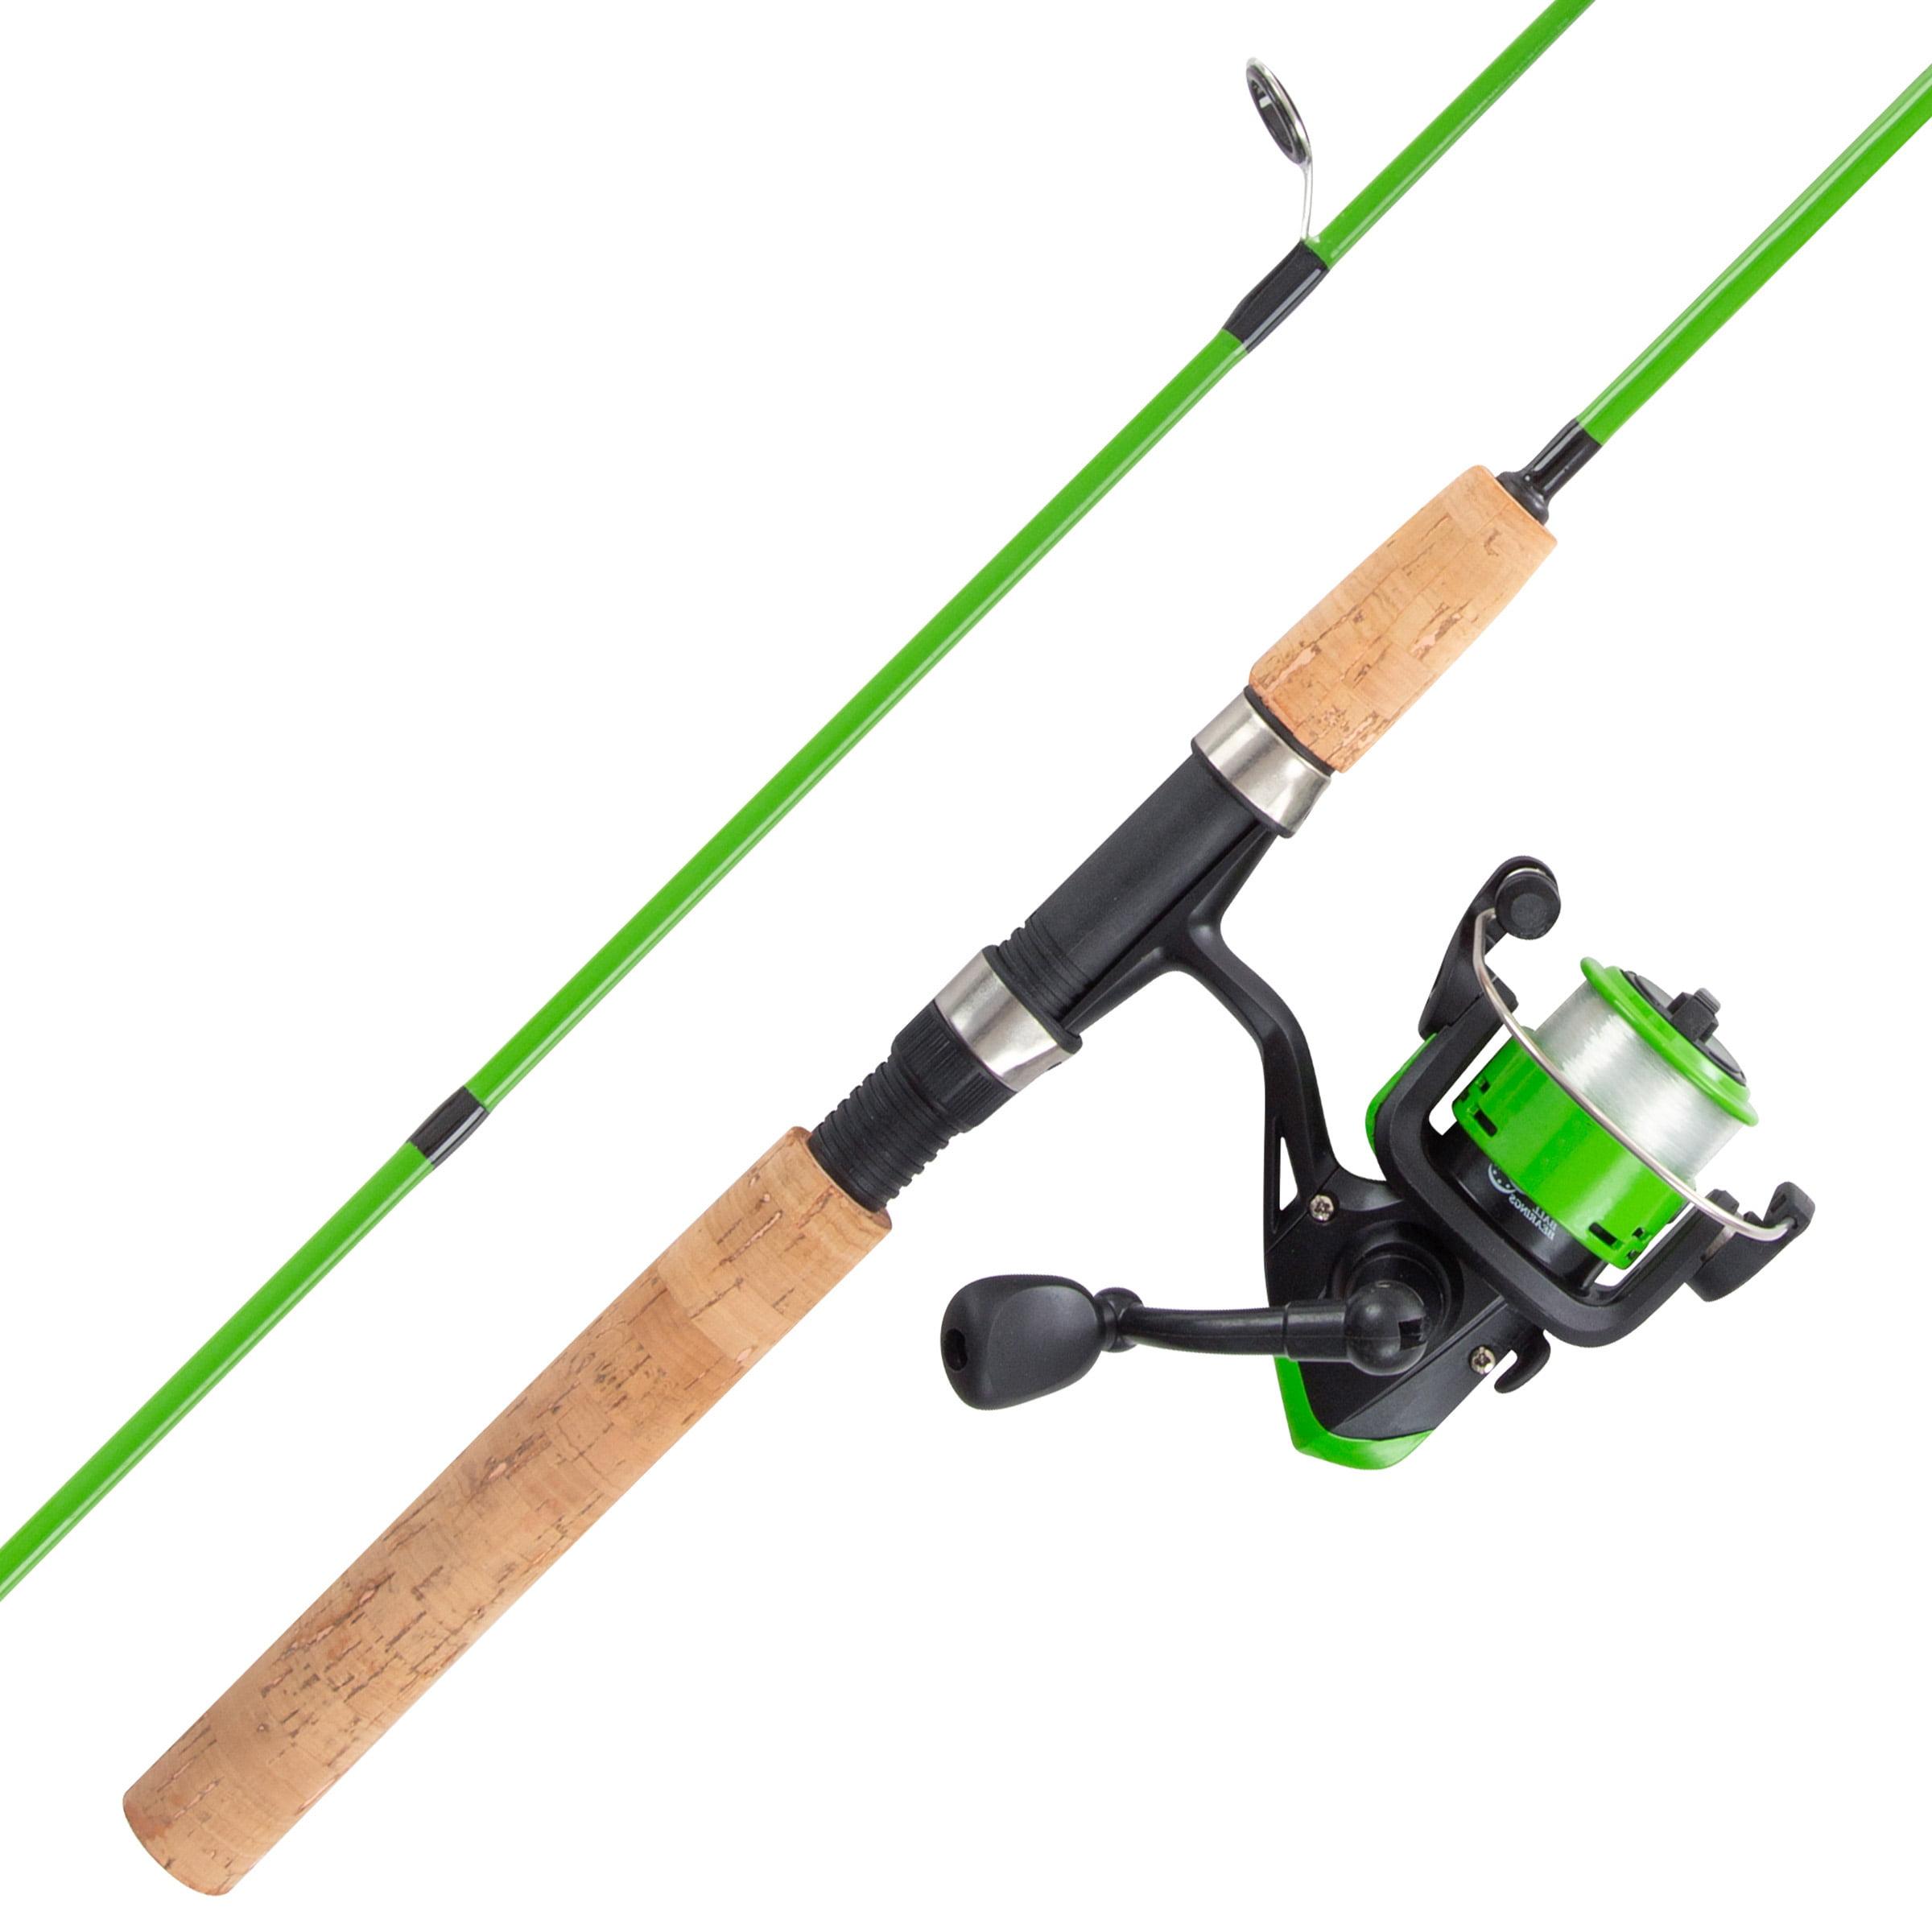 Starter fishing rod set